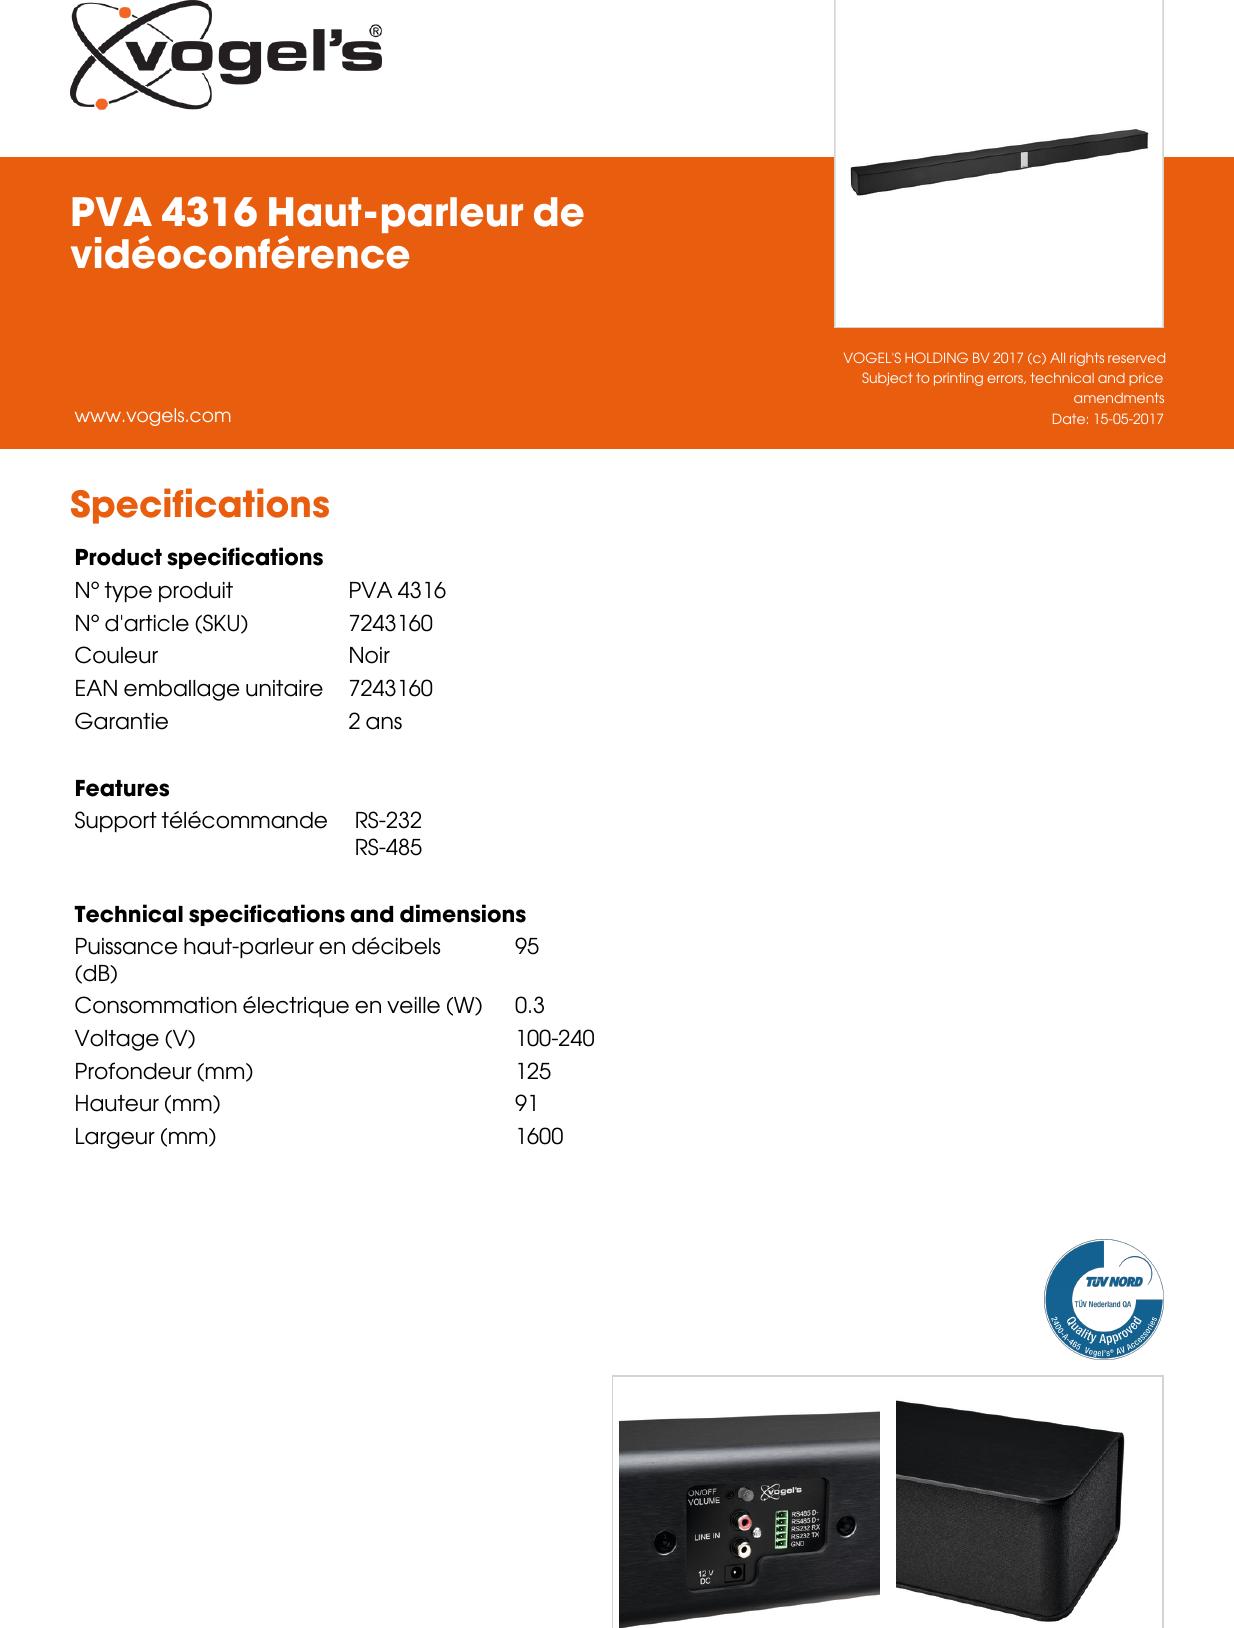 Type De Haut Parleur leaflet version 4.0 pva 4316 haut parleur de videoconference